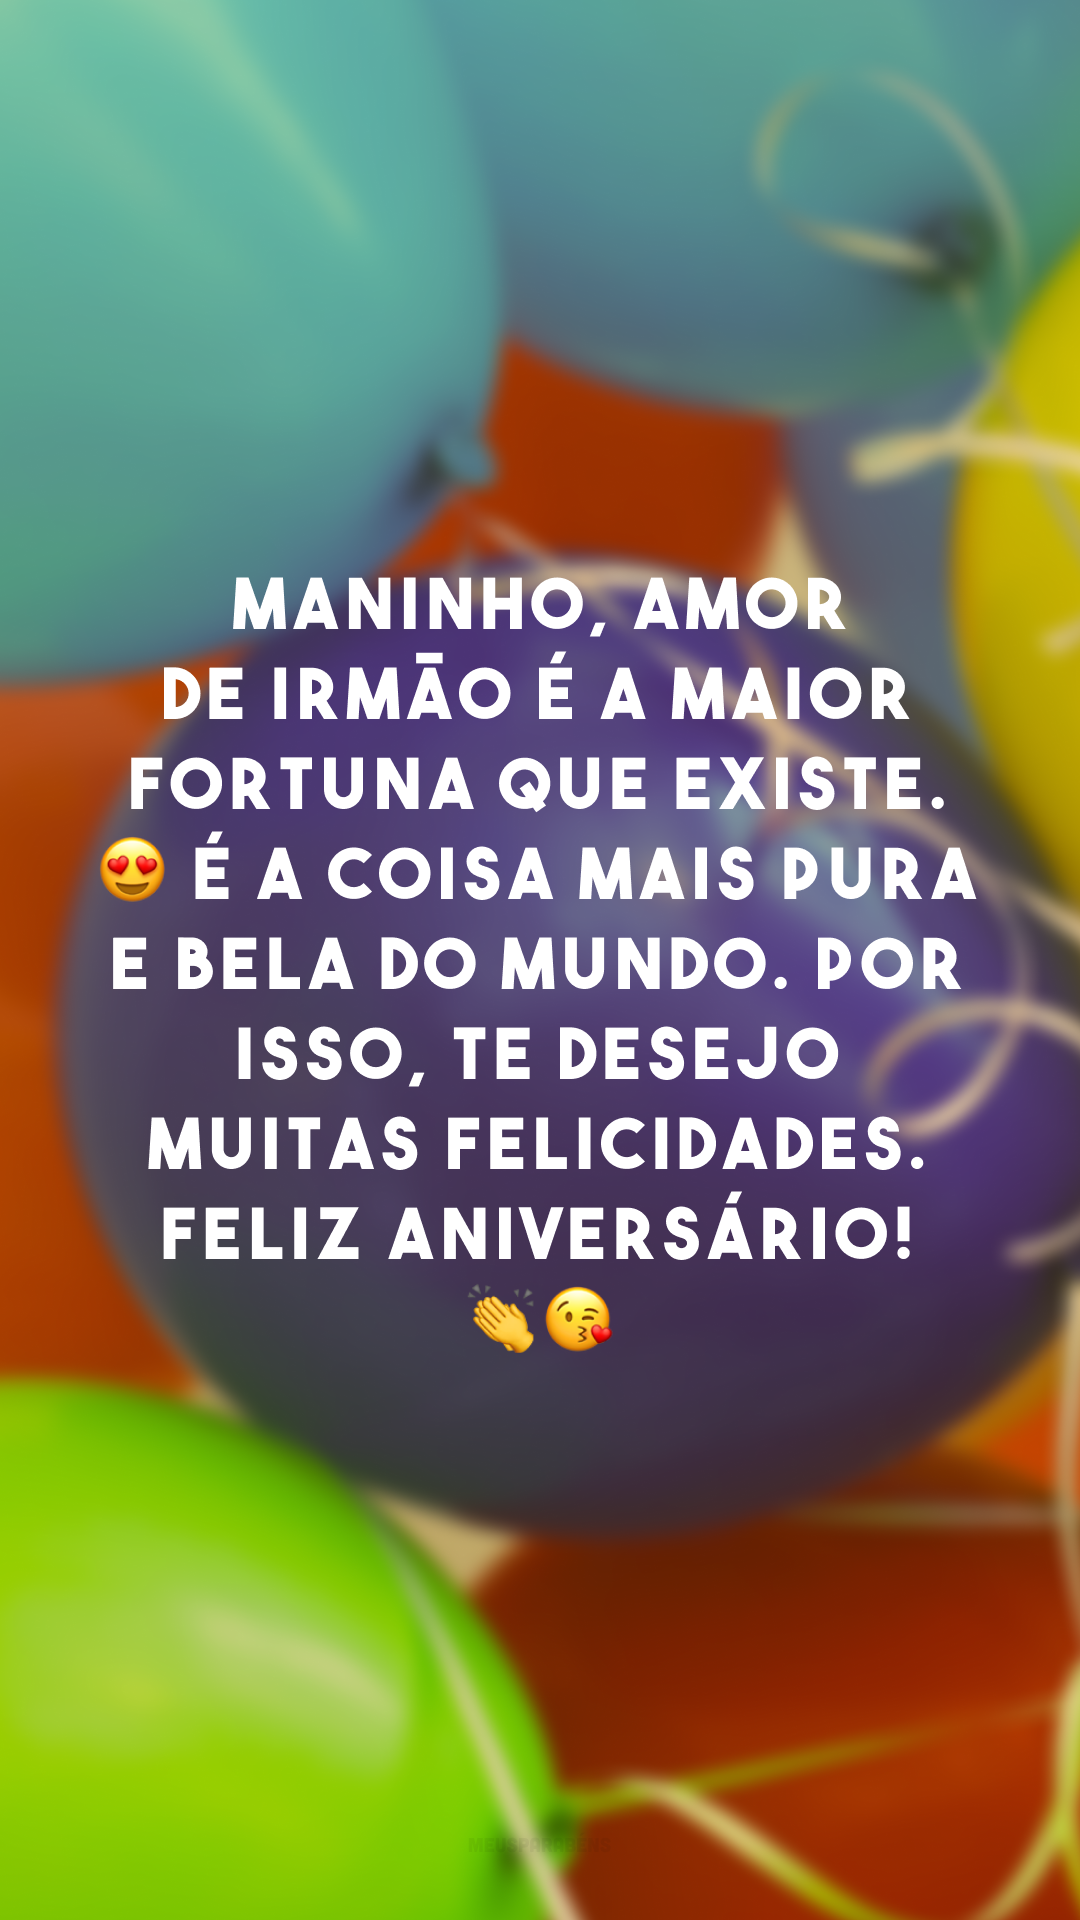 Maninho, amor de irmão é a maior fortuna que existe. ? É a coisa mais pura e bela do mundo. Por isso, te desejo muitas felicidades. Feliz aniversário! ??